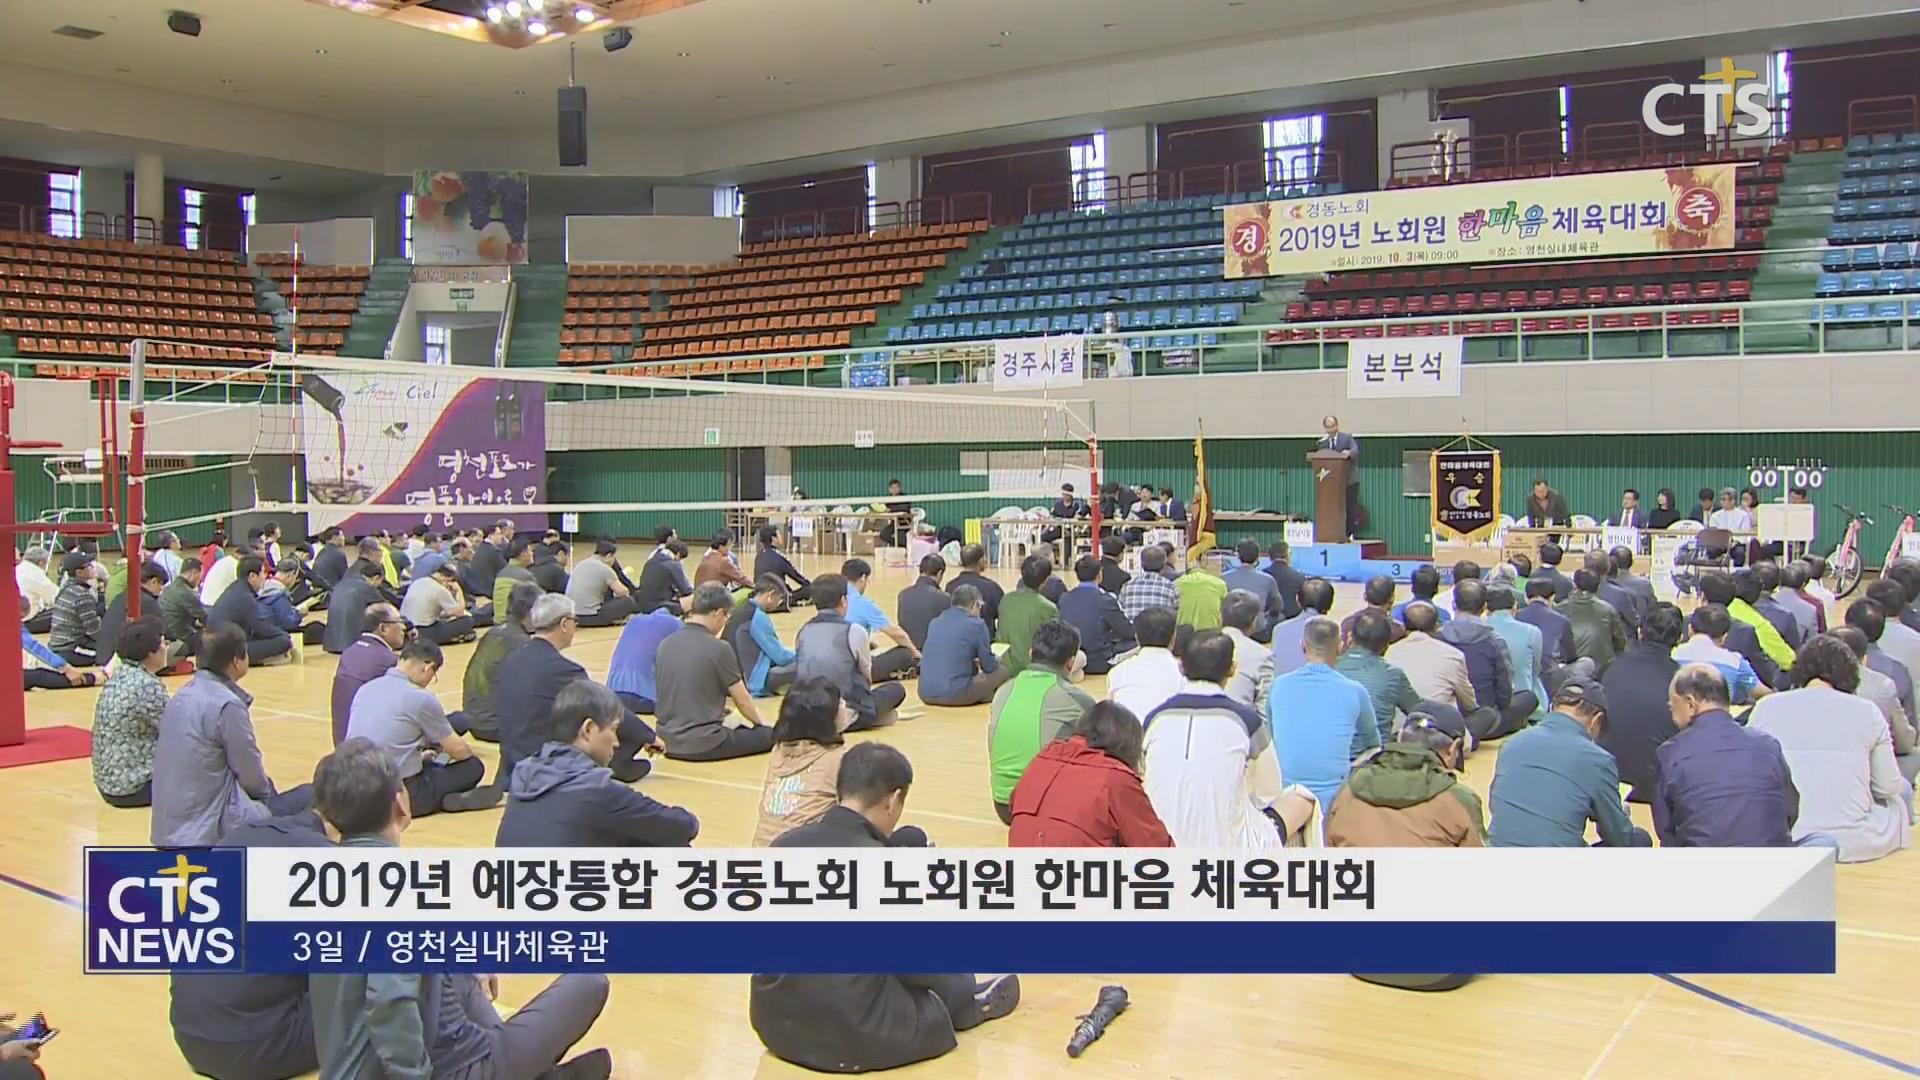 2019년 예장통합 경동노회 노회원 한마음 체육대회